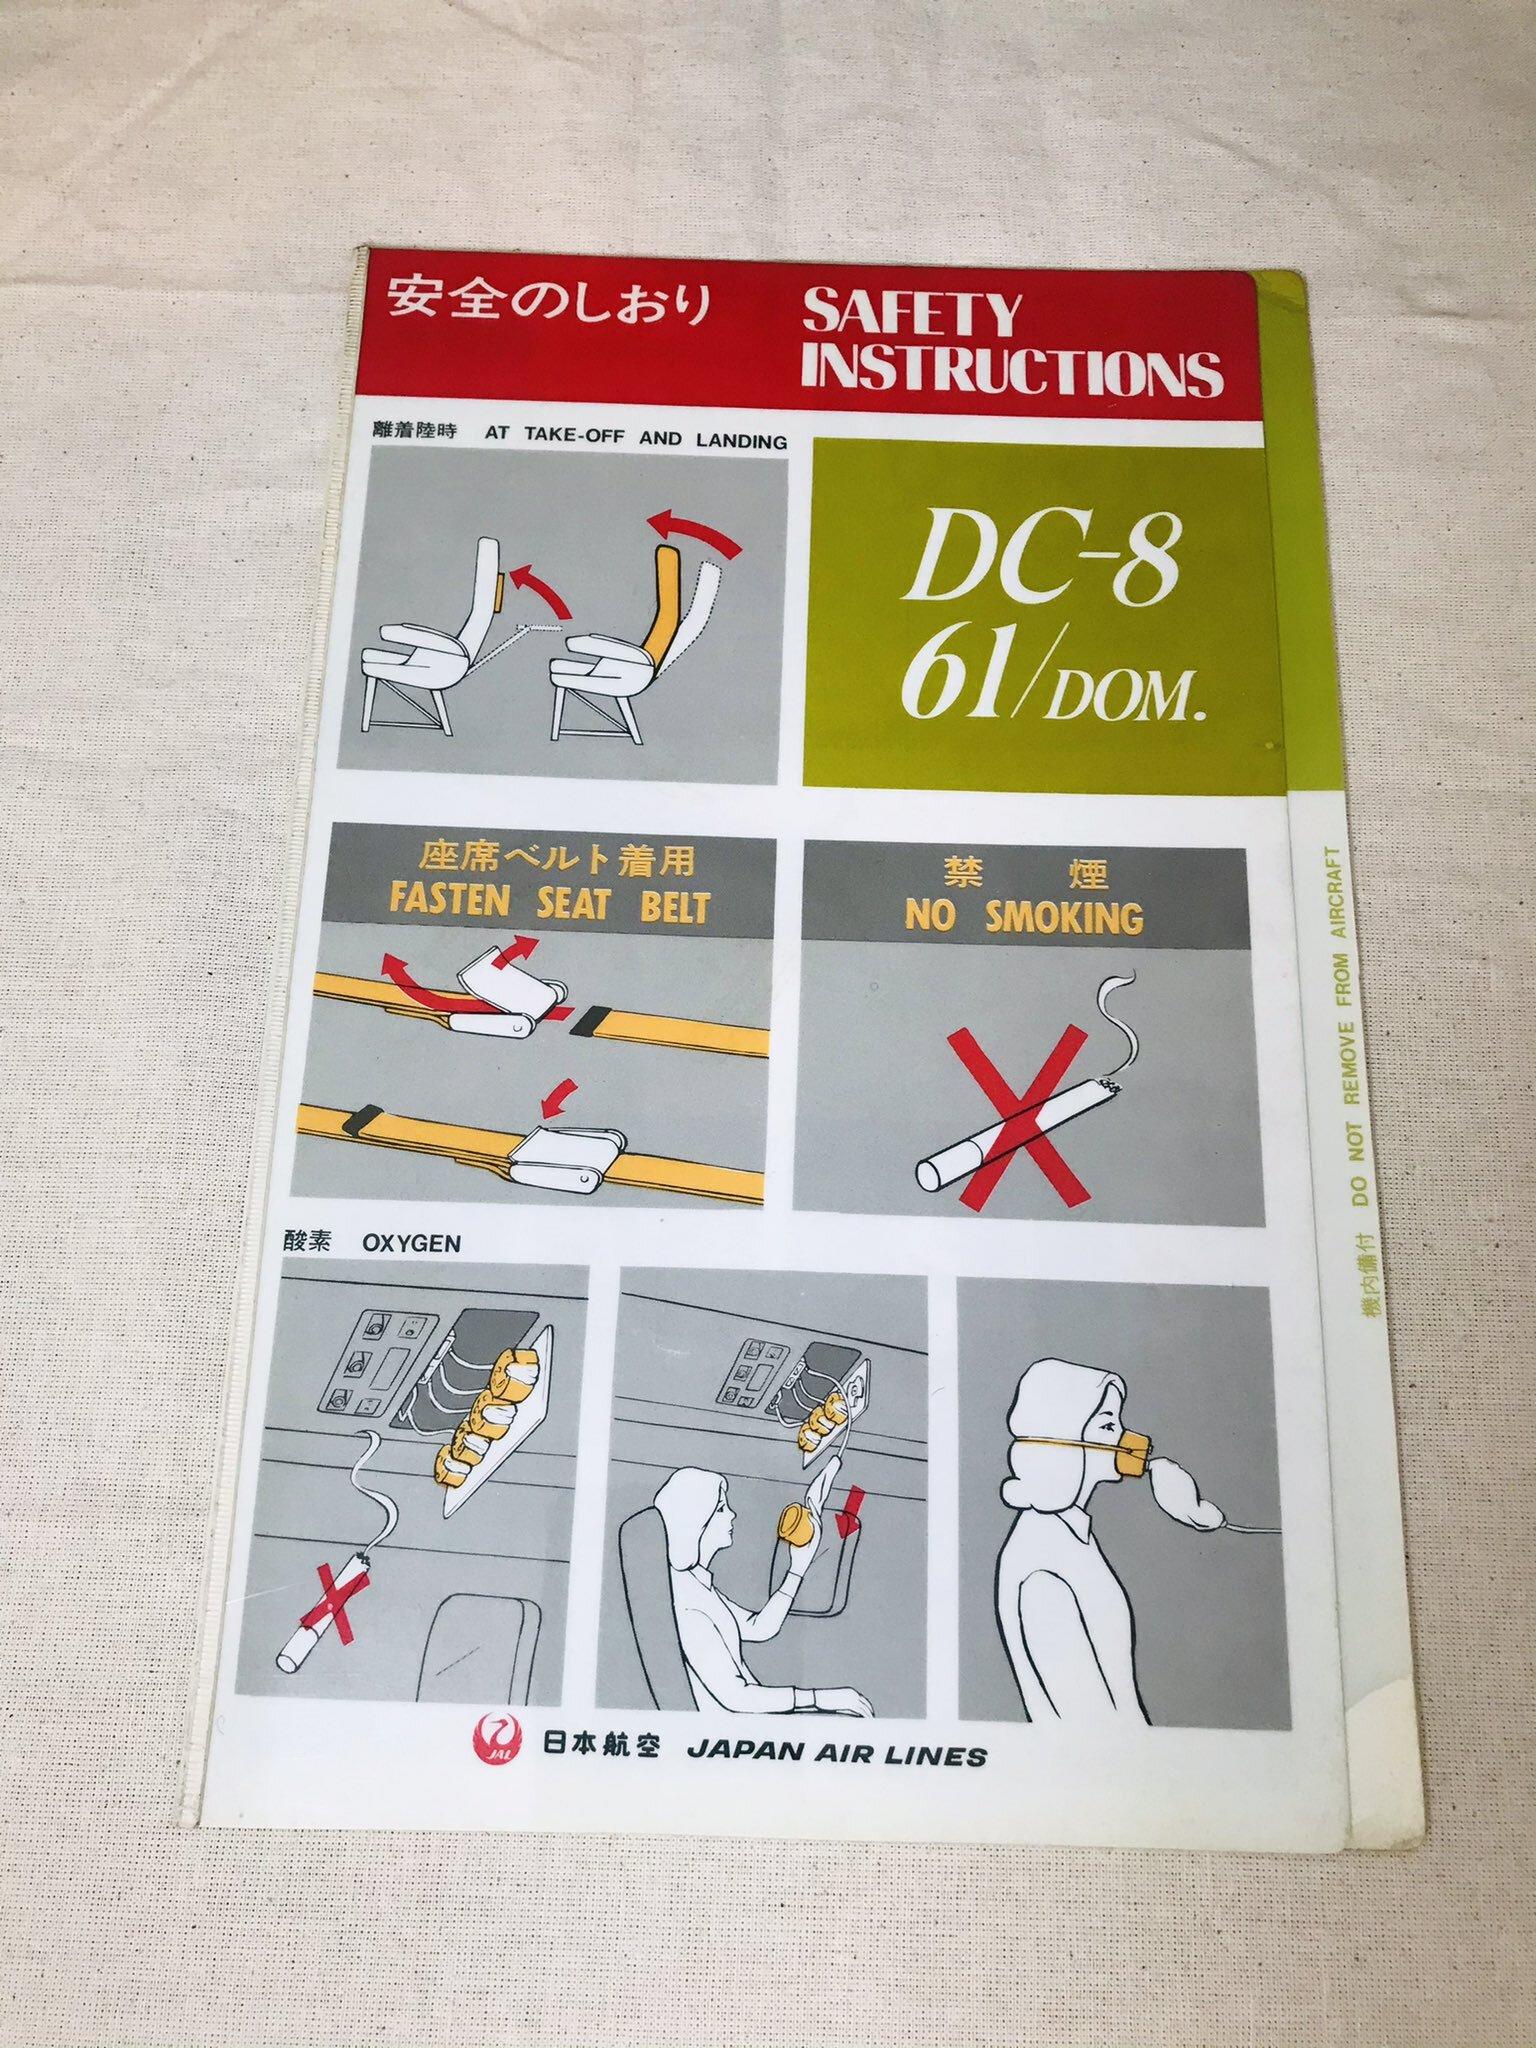 中古品安全のしおり/DC-8 61/DOM. 日本航空